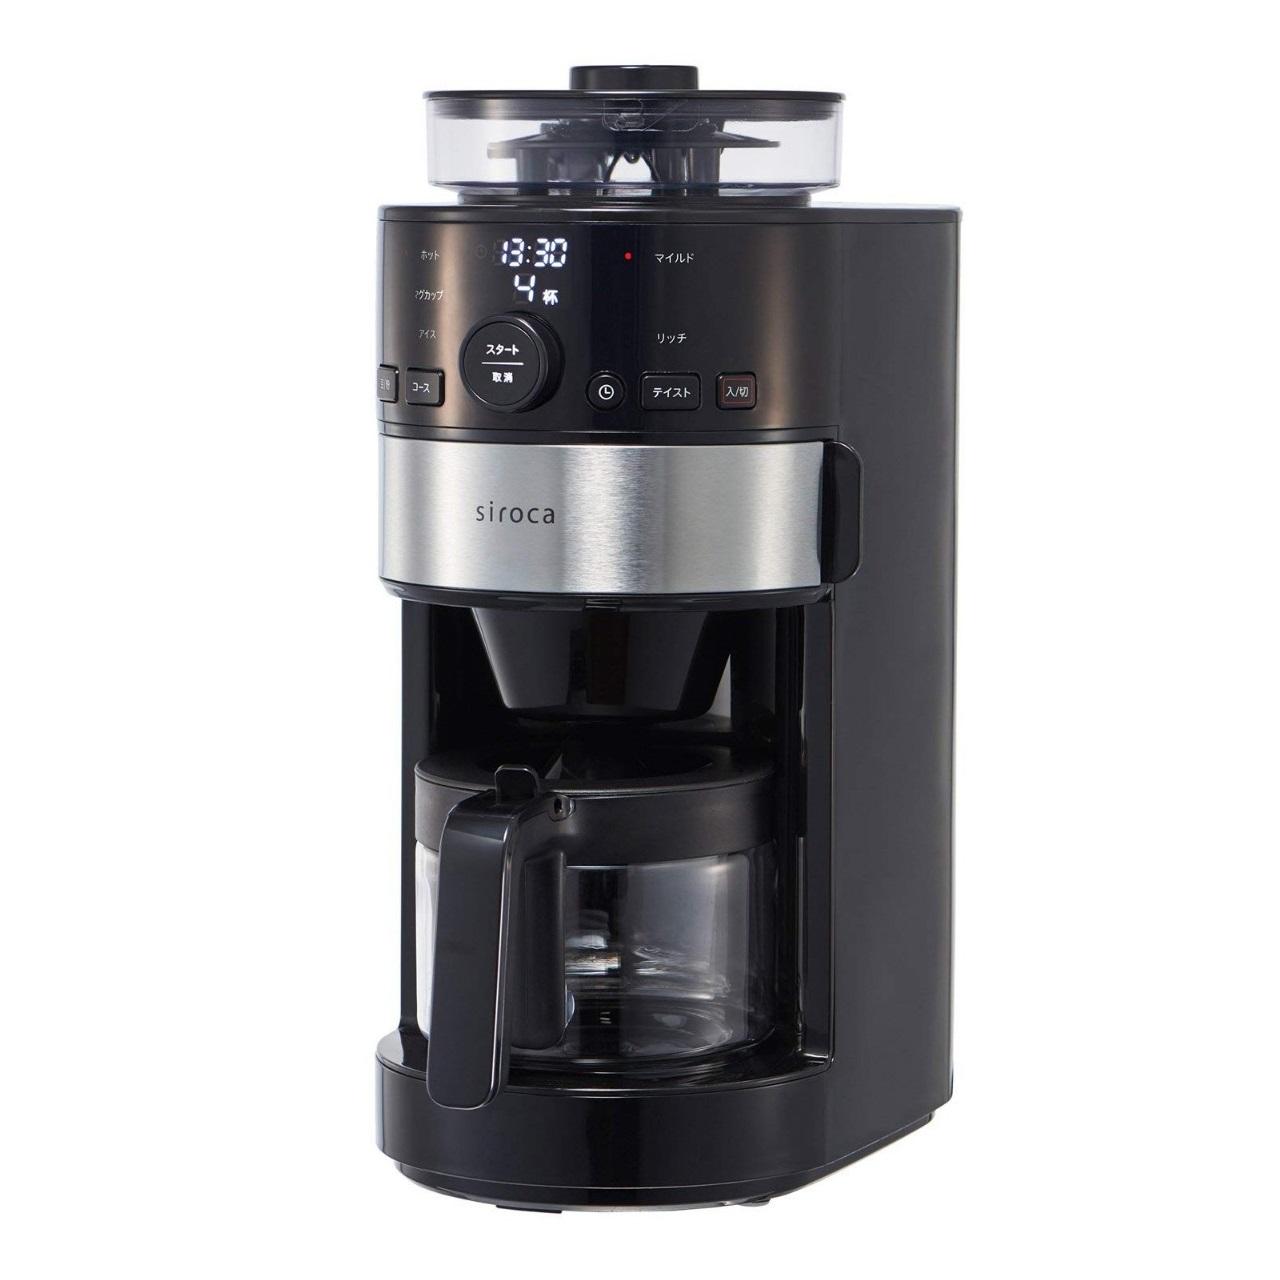 シロカSC-C111コーン式全自動コーヒーメーカー